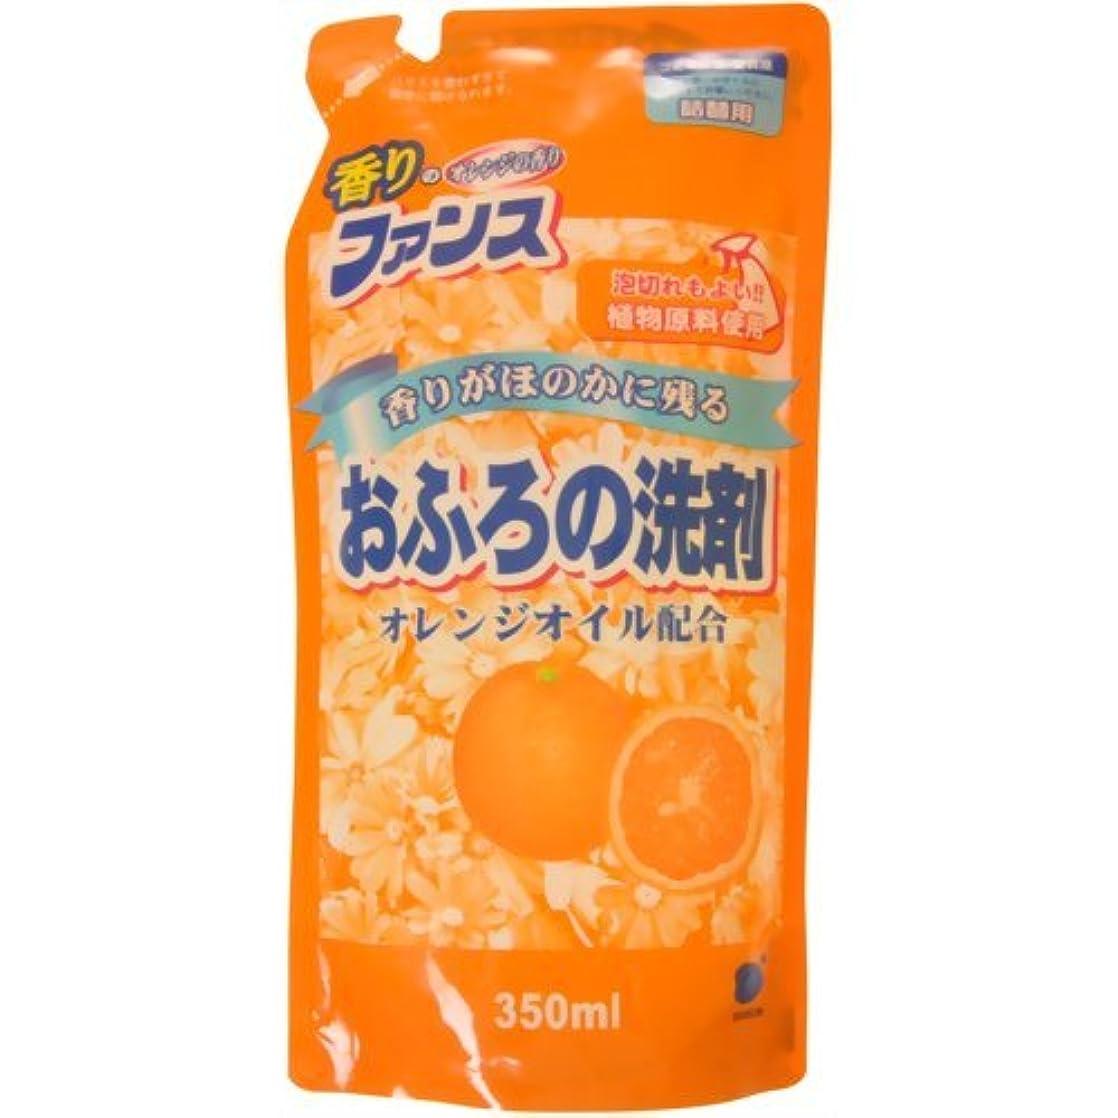 スライスバッチ消去香りのファンス おふろの洗剤 オレンジ つめかえ用 350ml